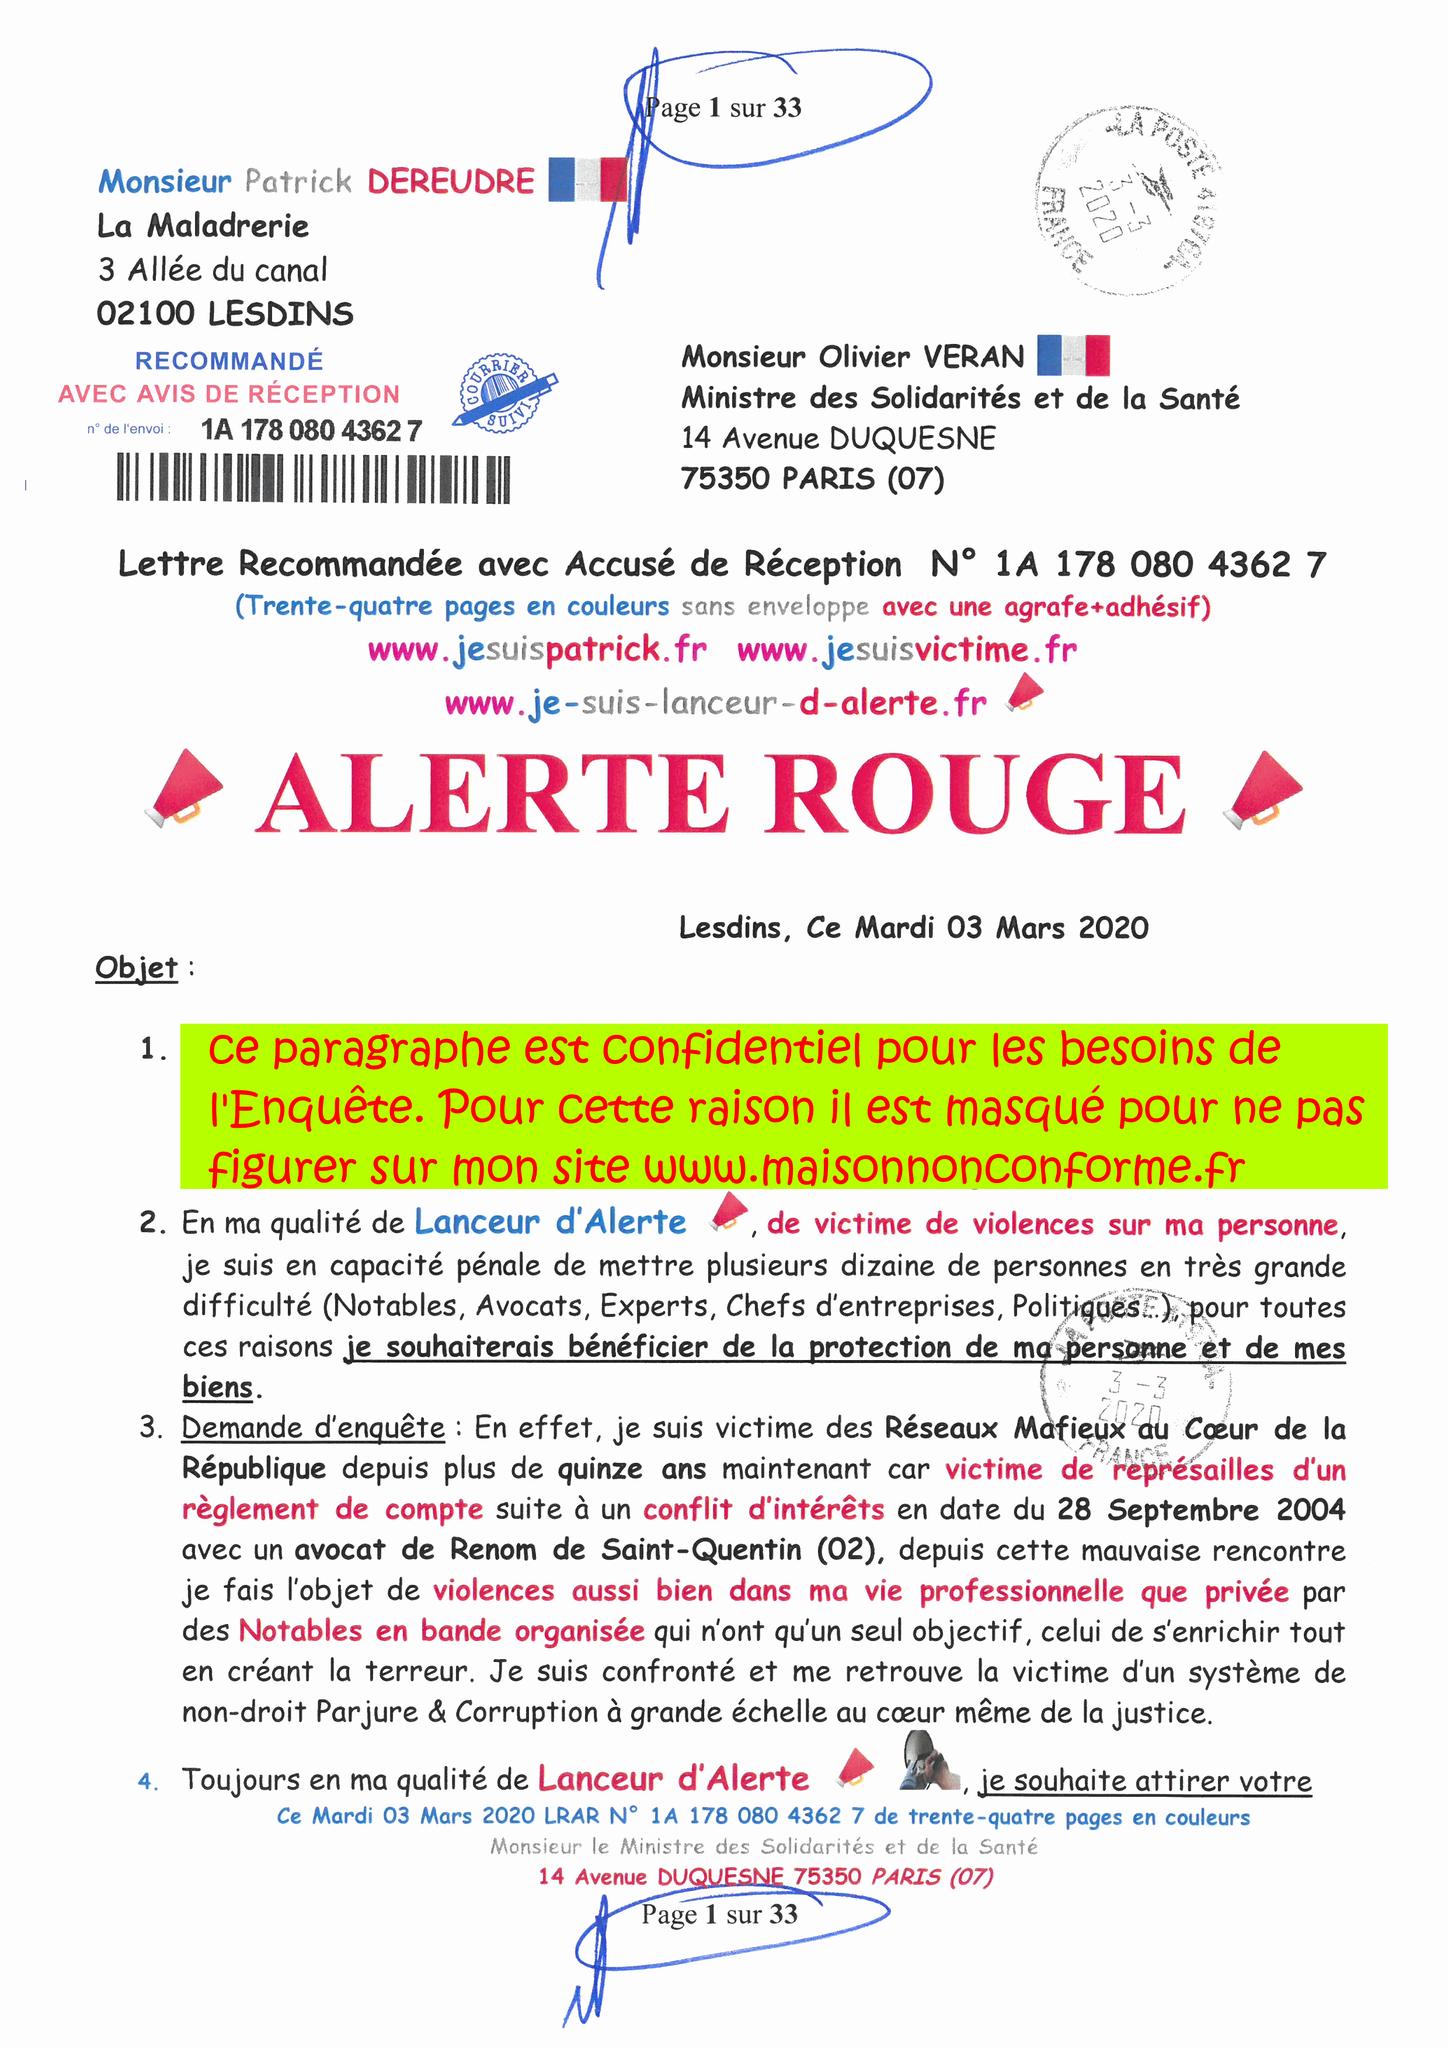 Page 1 sur 33 Ma lettre recommandée N0 1A 178 080 4362 7 du 03 Mars 2020 à Monsieur Olivier VERAN le Ministre de la Santé et des Solidarités www.jesuispatrick.fr